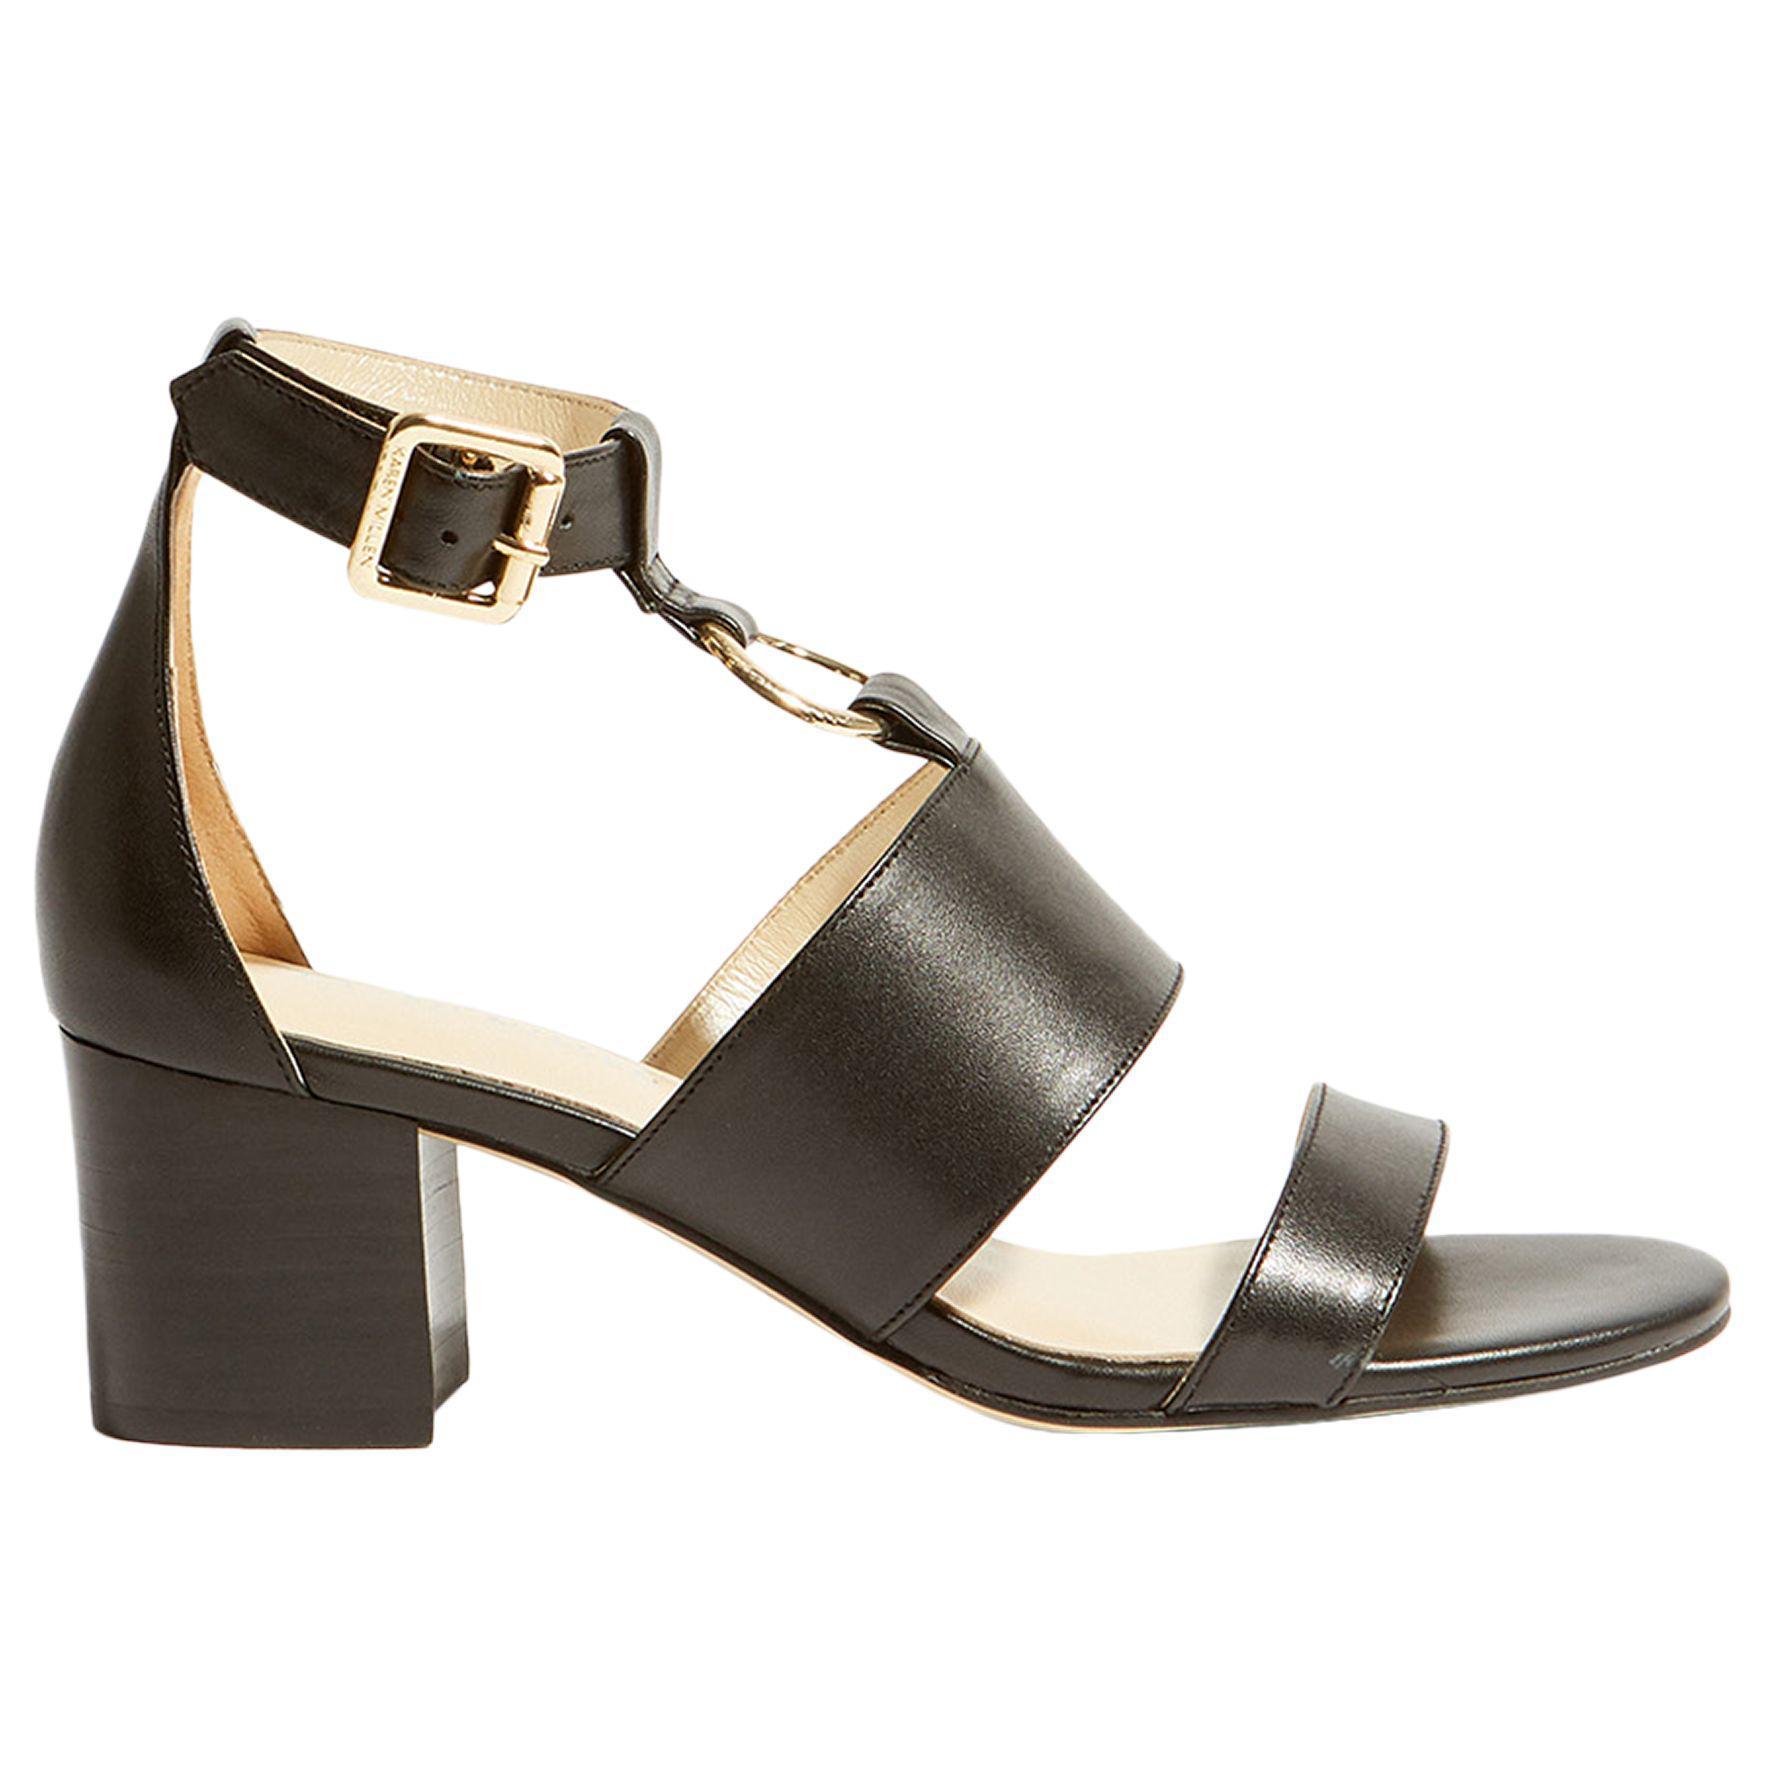 c99704b06b0 Karen Millen. Women s Black O-ring Block Heel Sandals. £135 £65 From John  Lewis and Partners